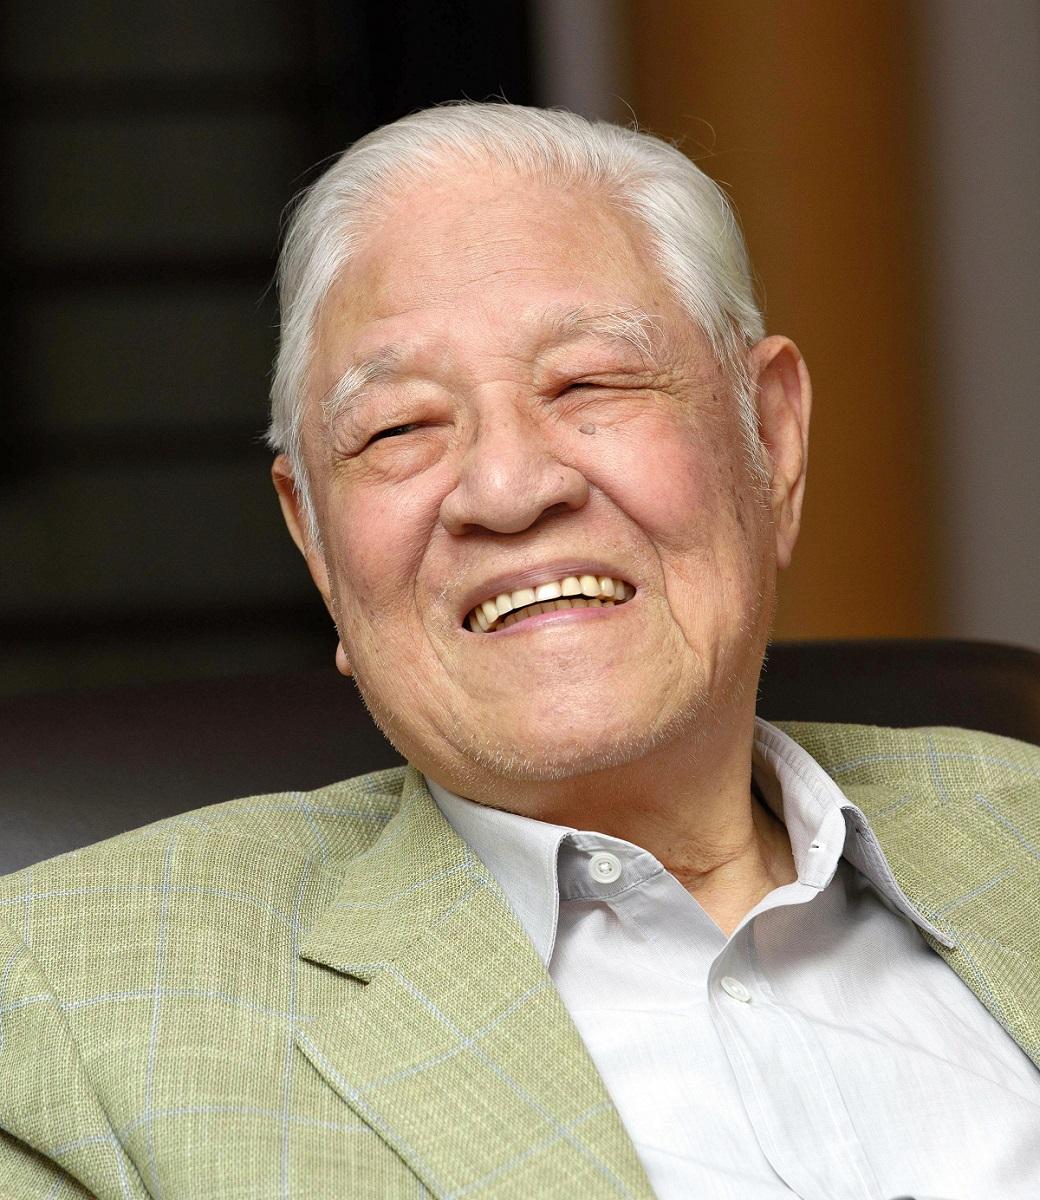 写真・図版 : 李登輝氏(2016年撮影)。1923年生まれ。台湾大学教員を経て政界に入り、88~2000年総統を務める。20年7月30日、97歳で死去